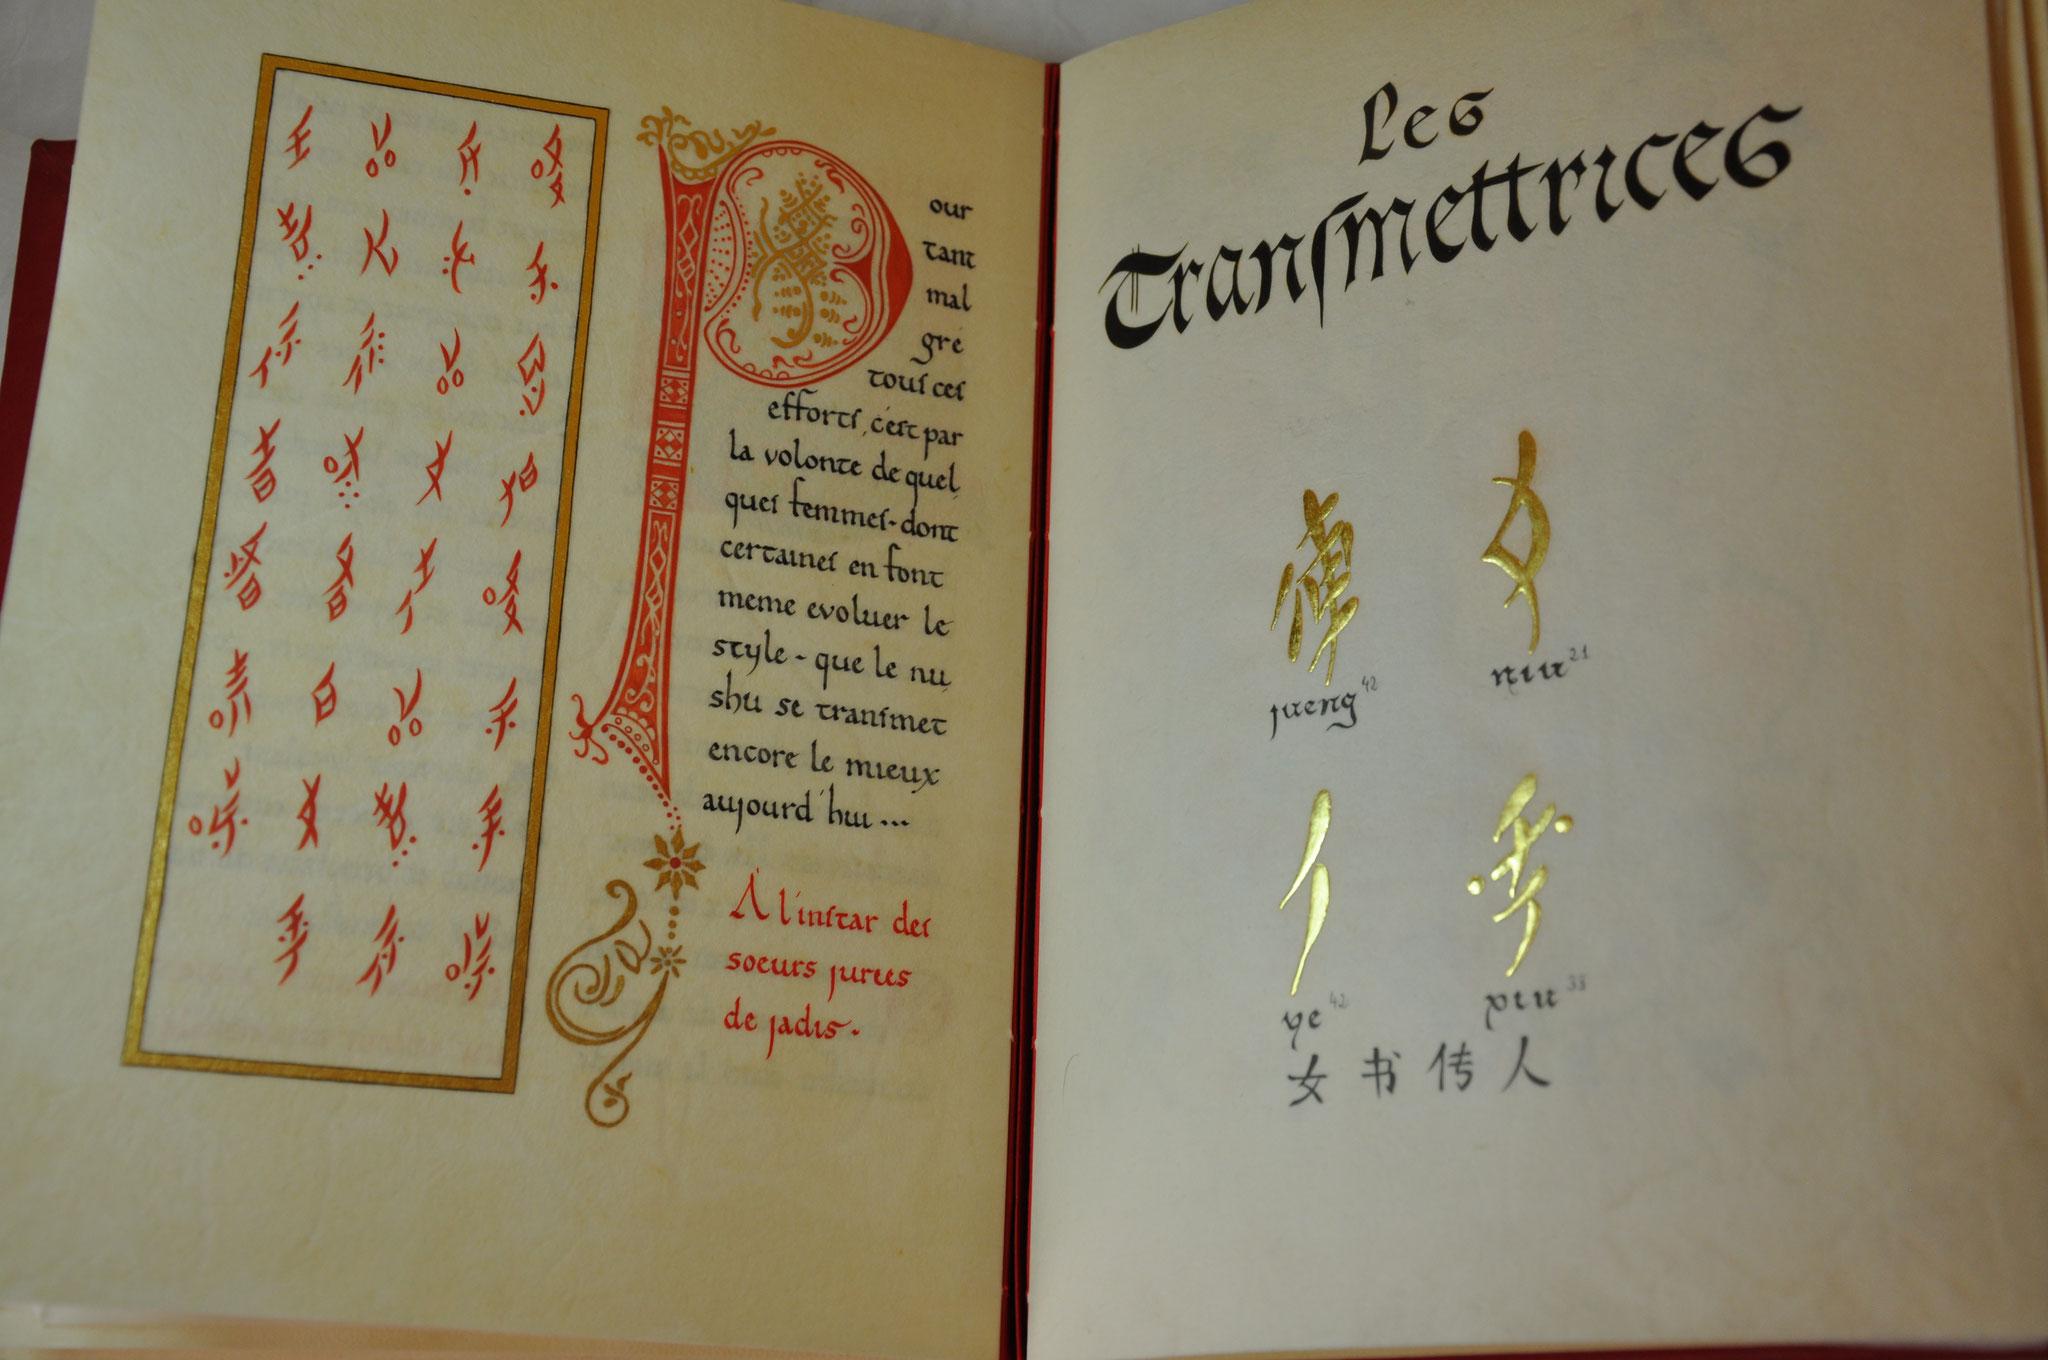 Poème de He Jinghua en caractères d'or / Chapitre 4 Hommage aux transmettrices (en style d'enluminure gothique)